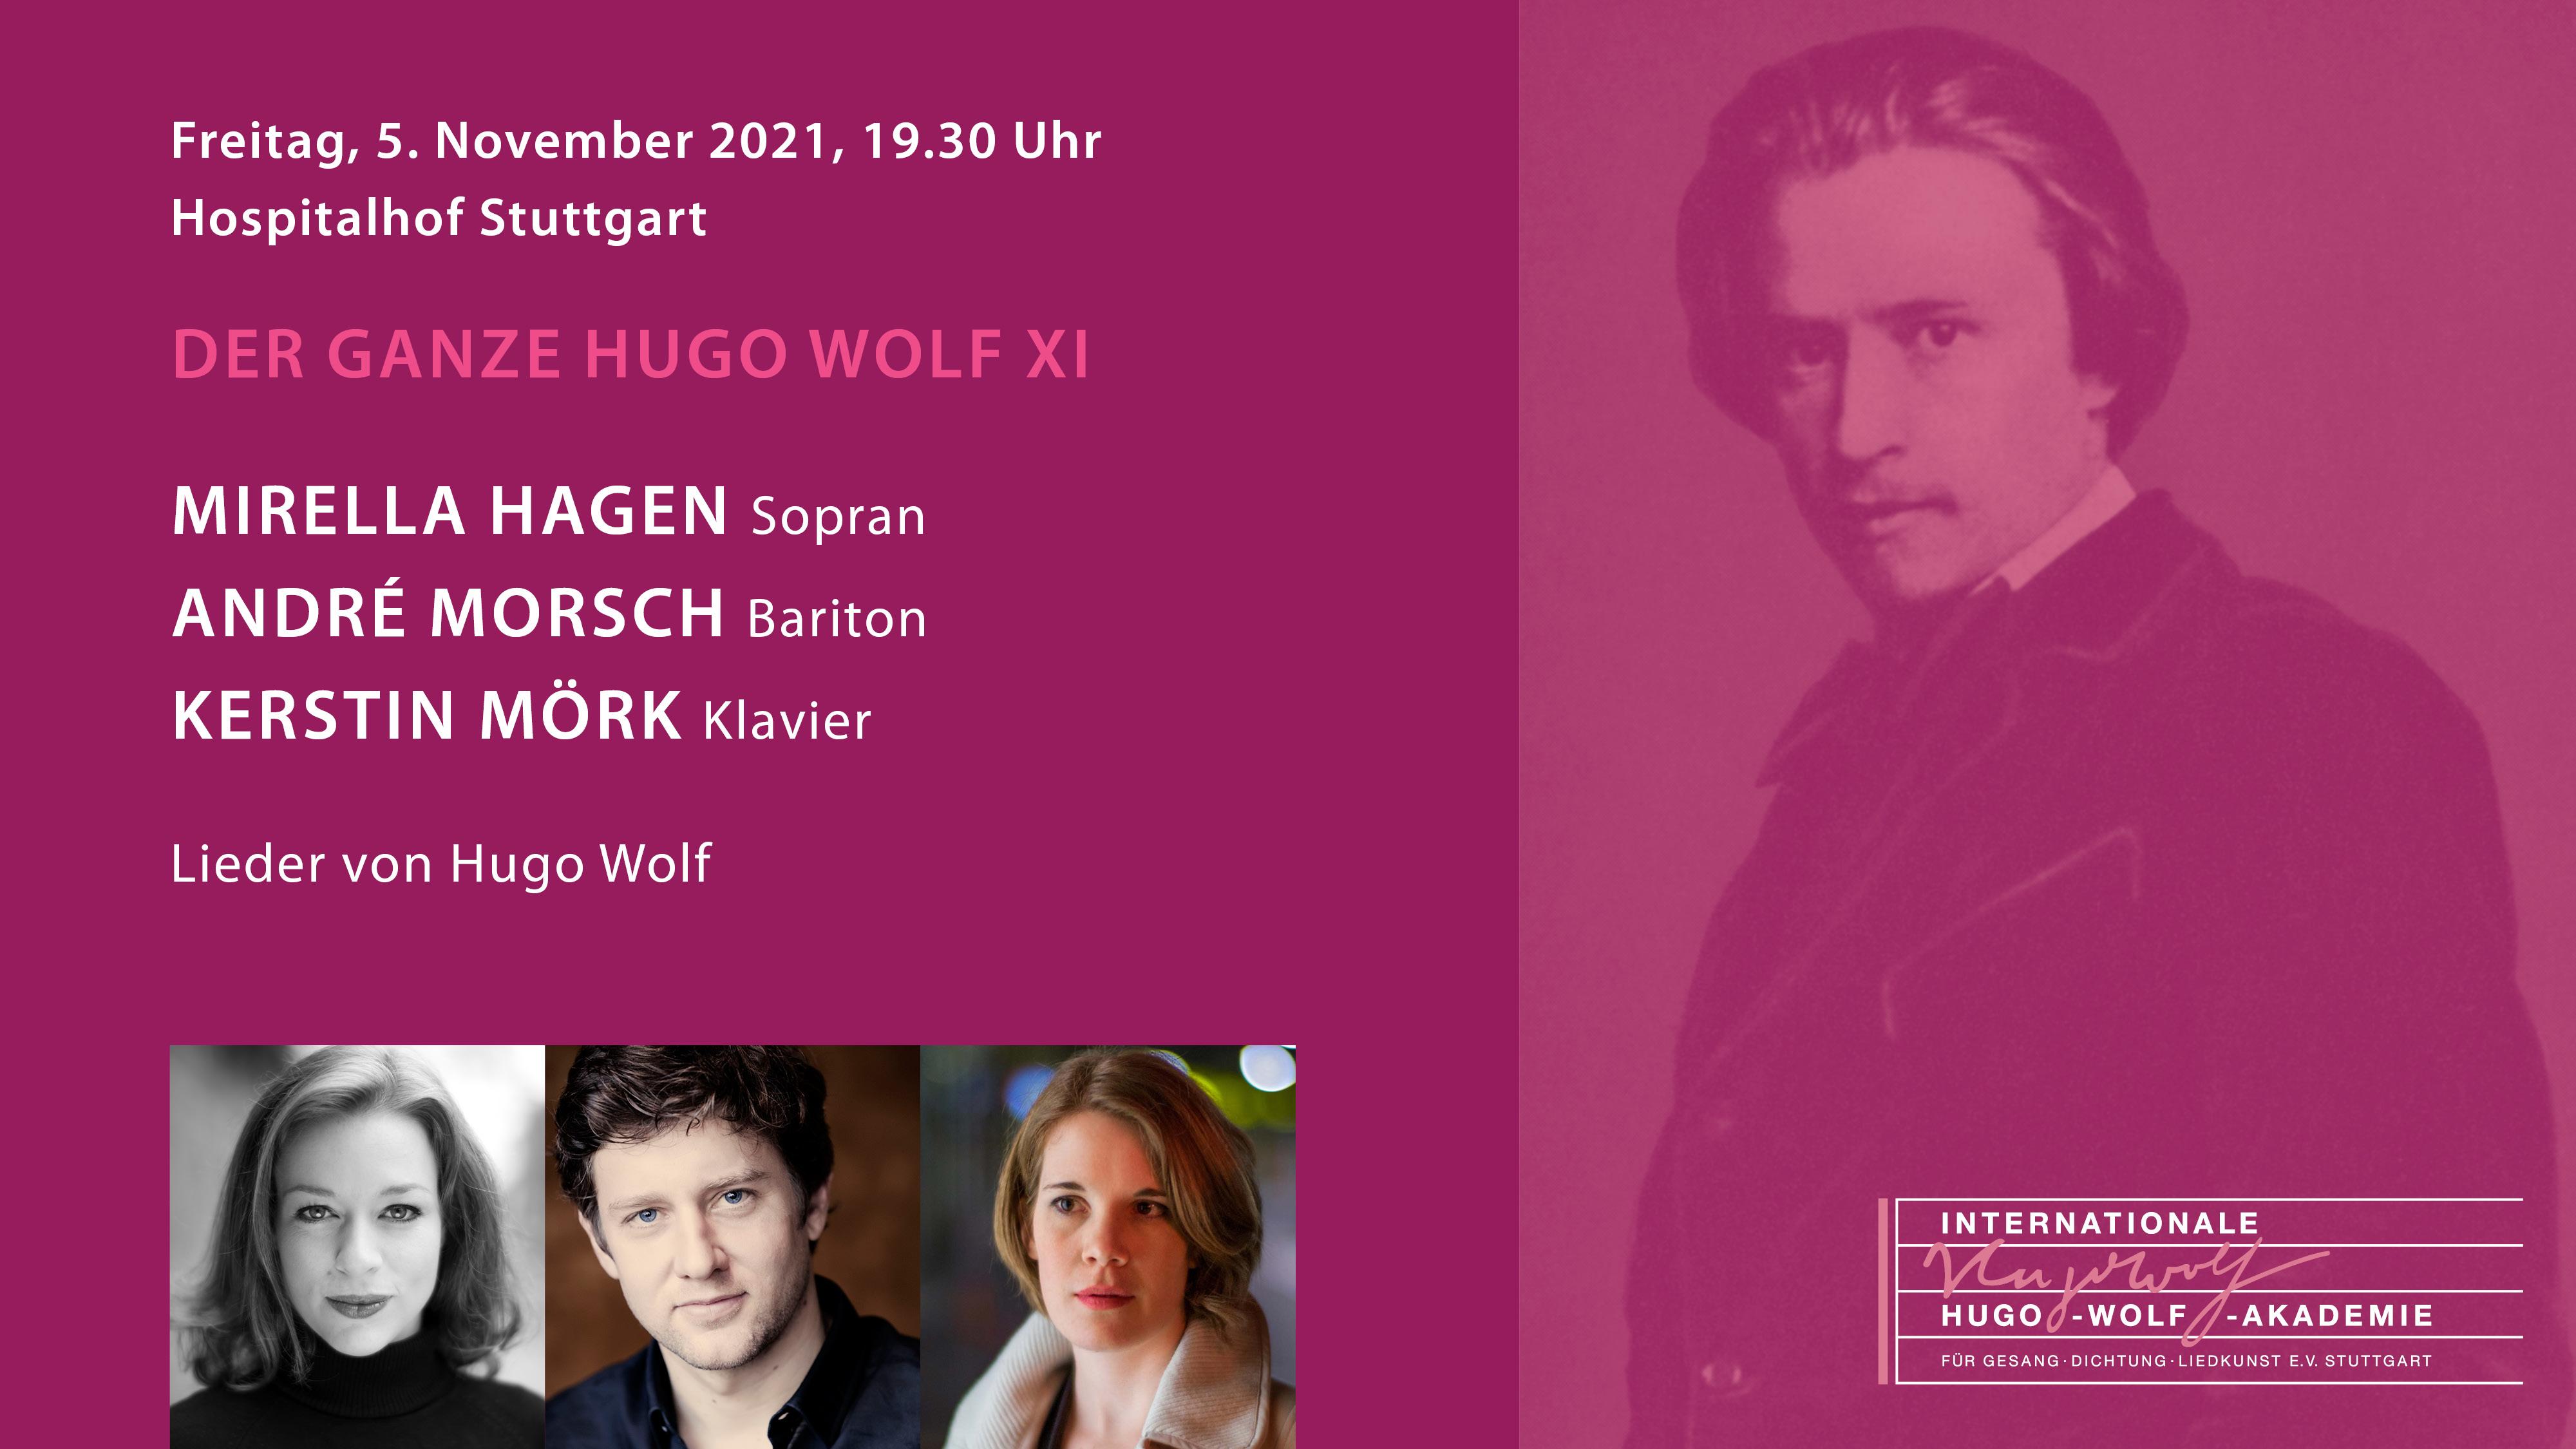 Der ganze Hugo Wolf XI